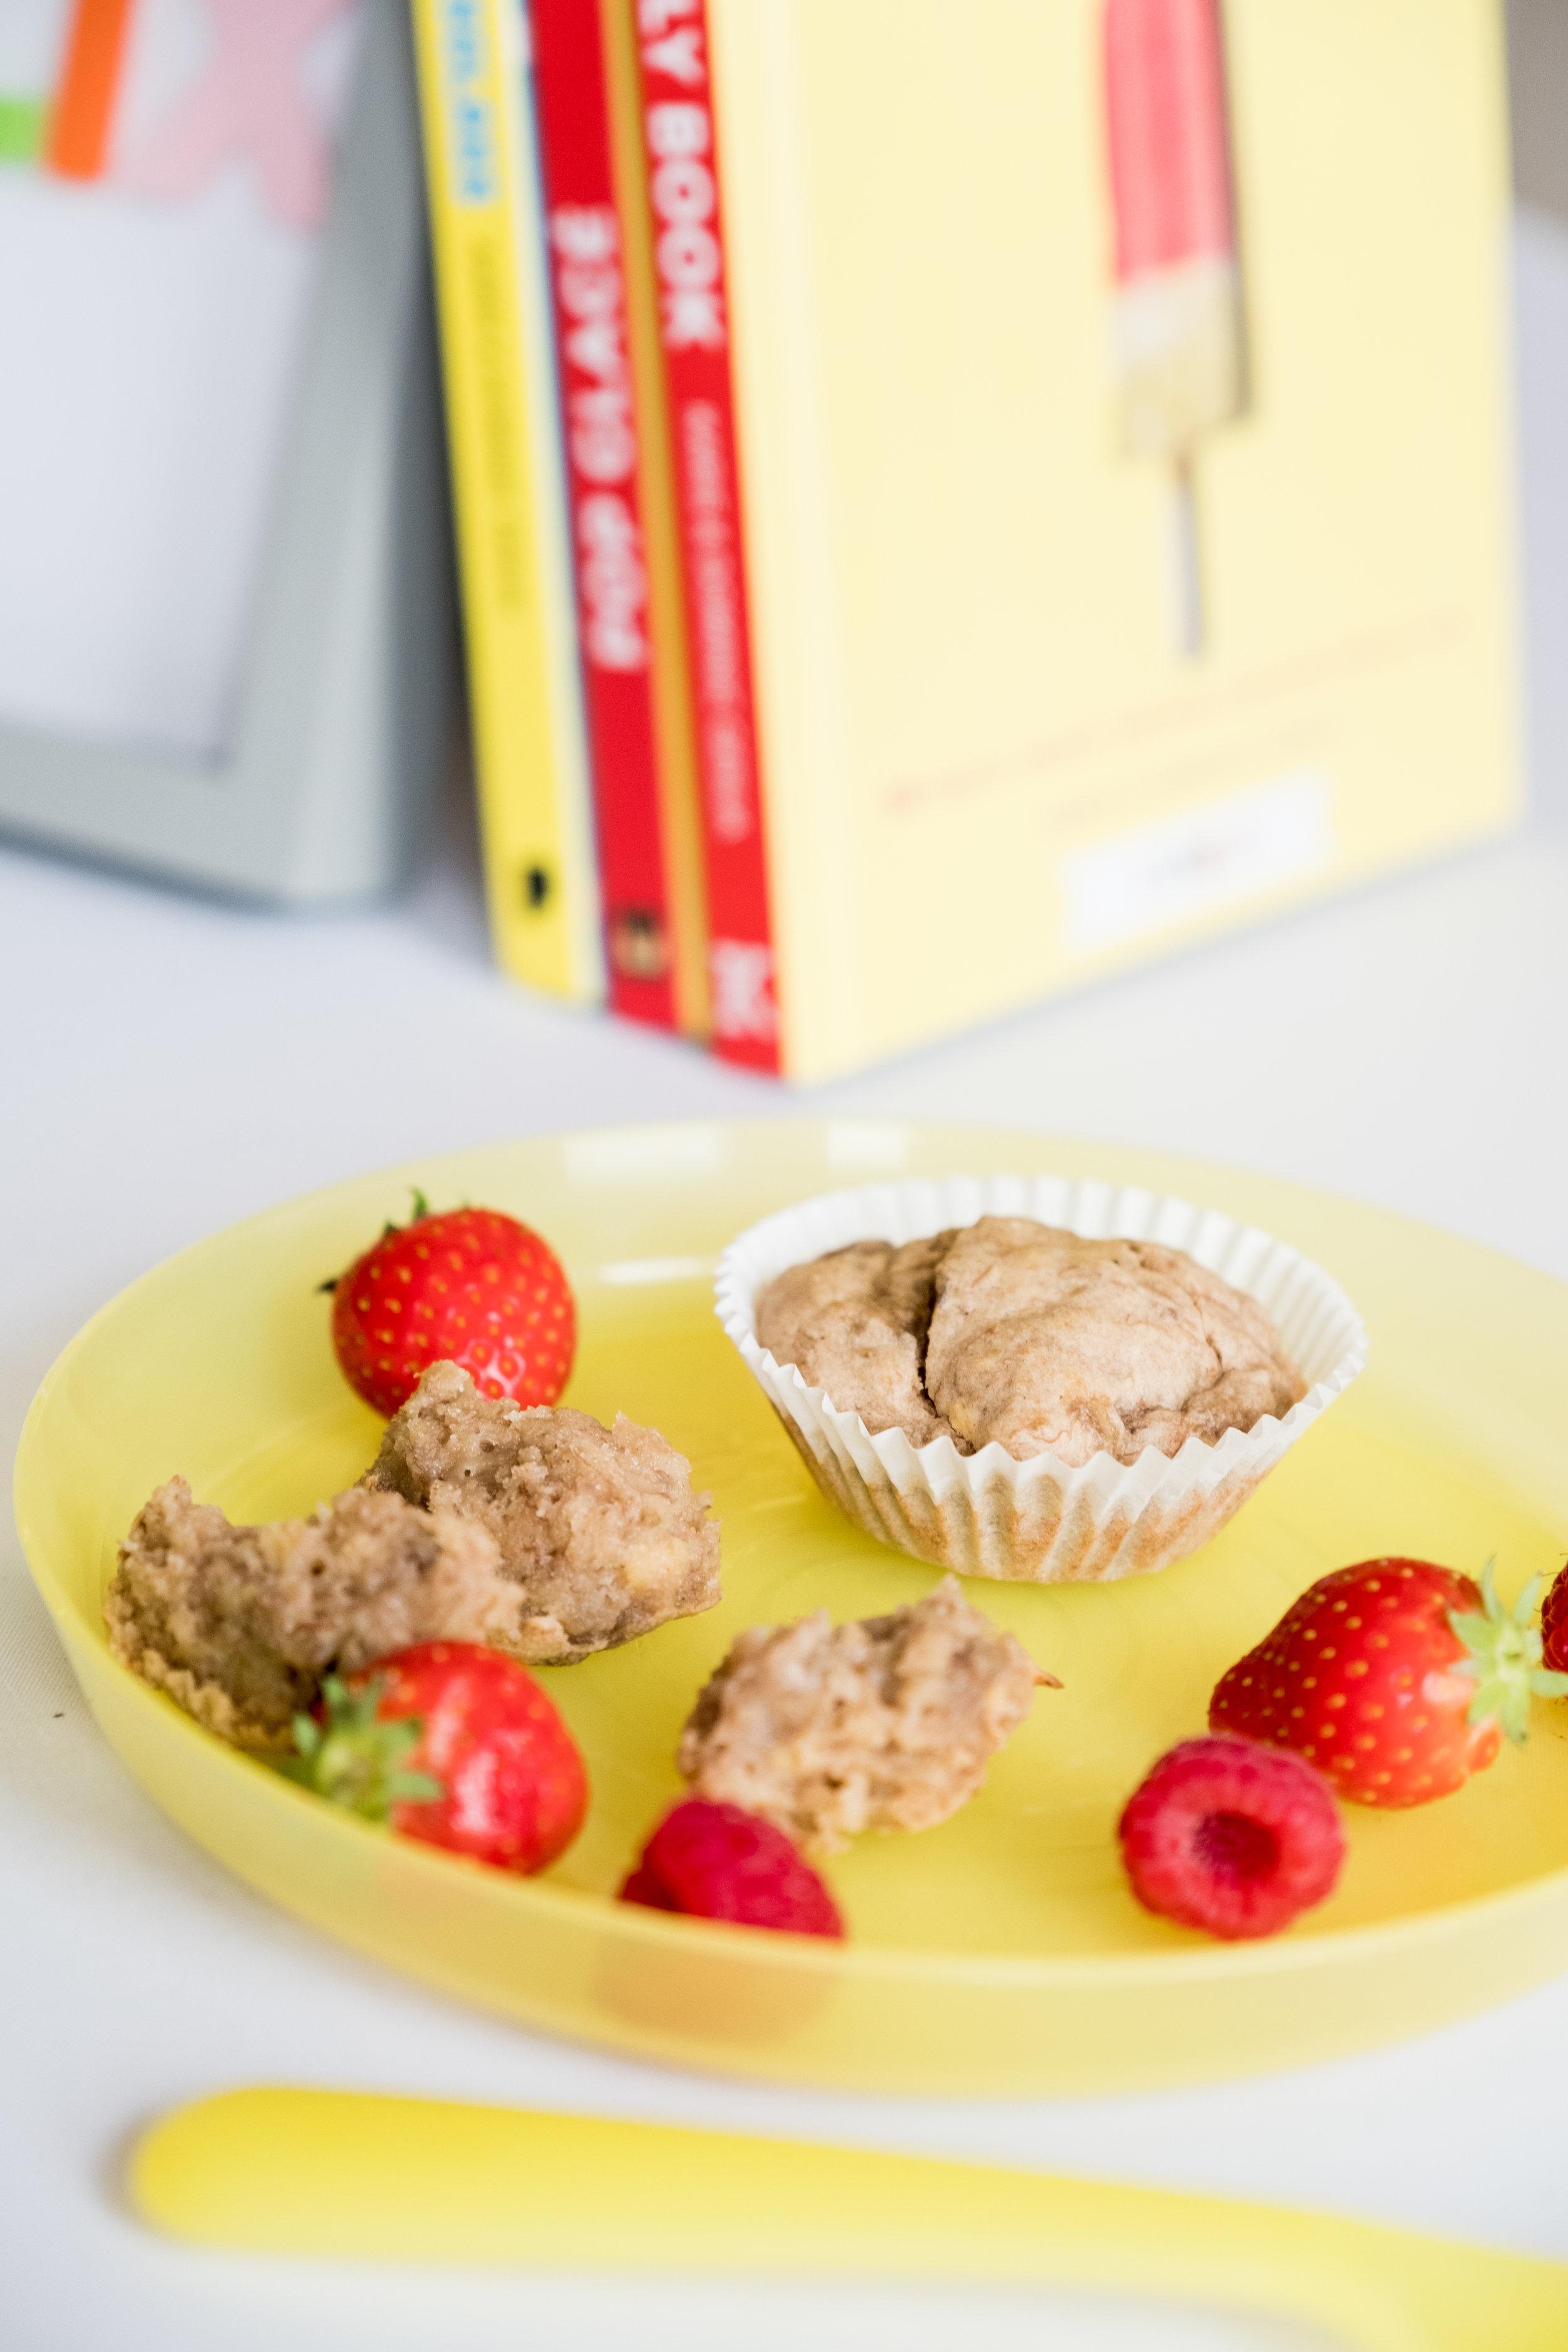 FruityCupcakes-12.jpg